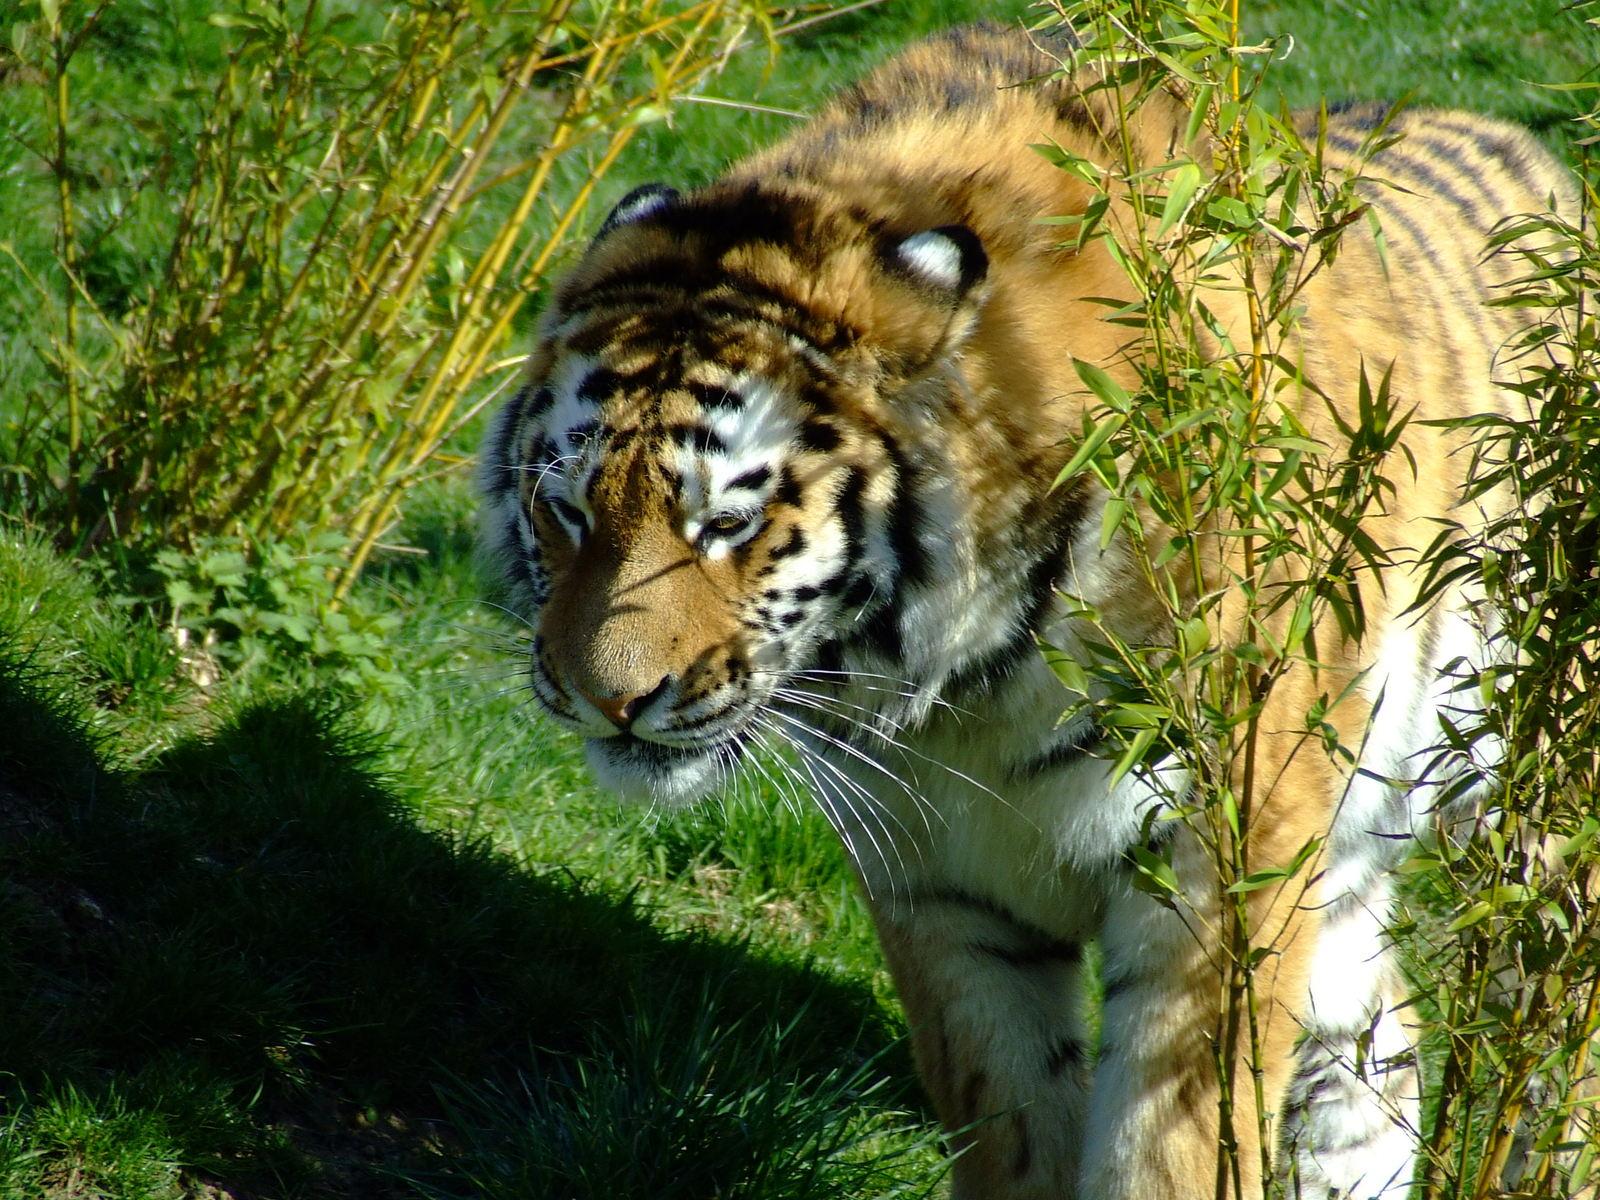 endangered rainforest tiger